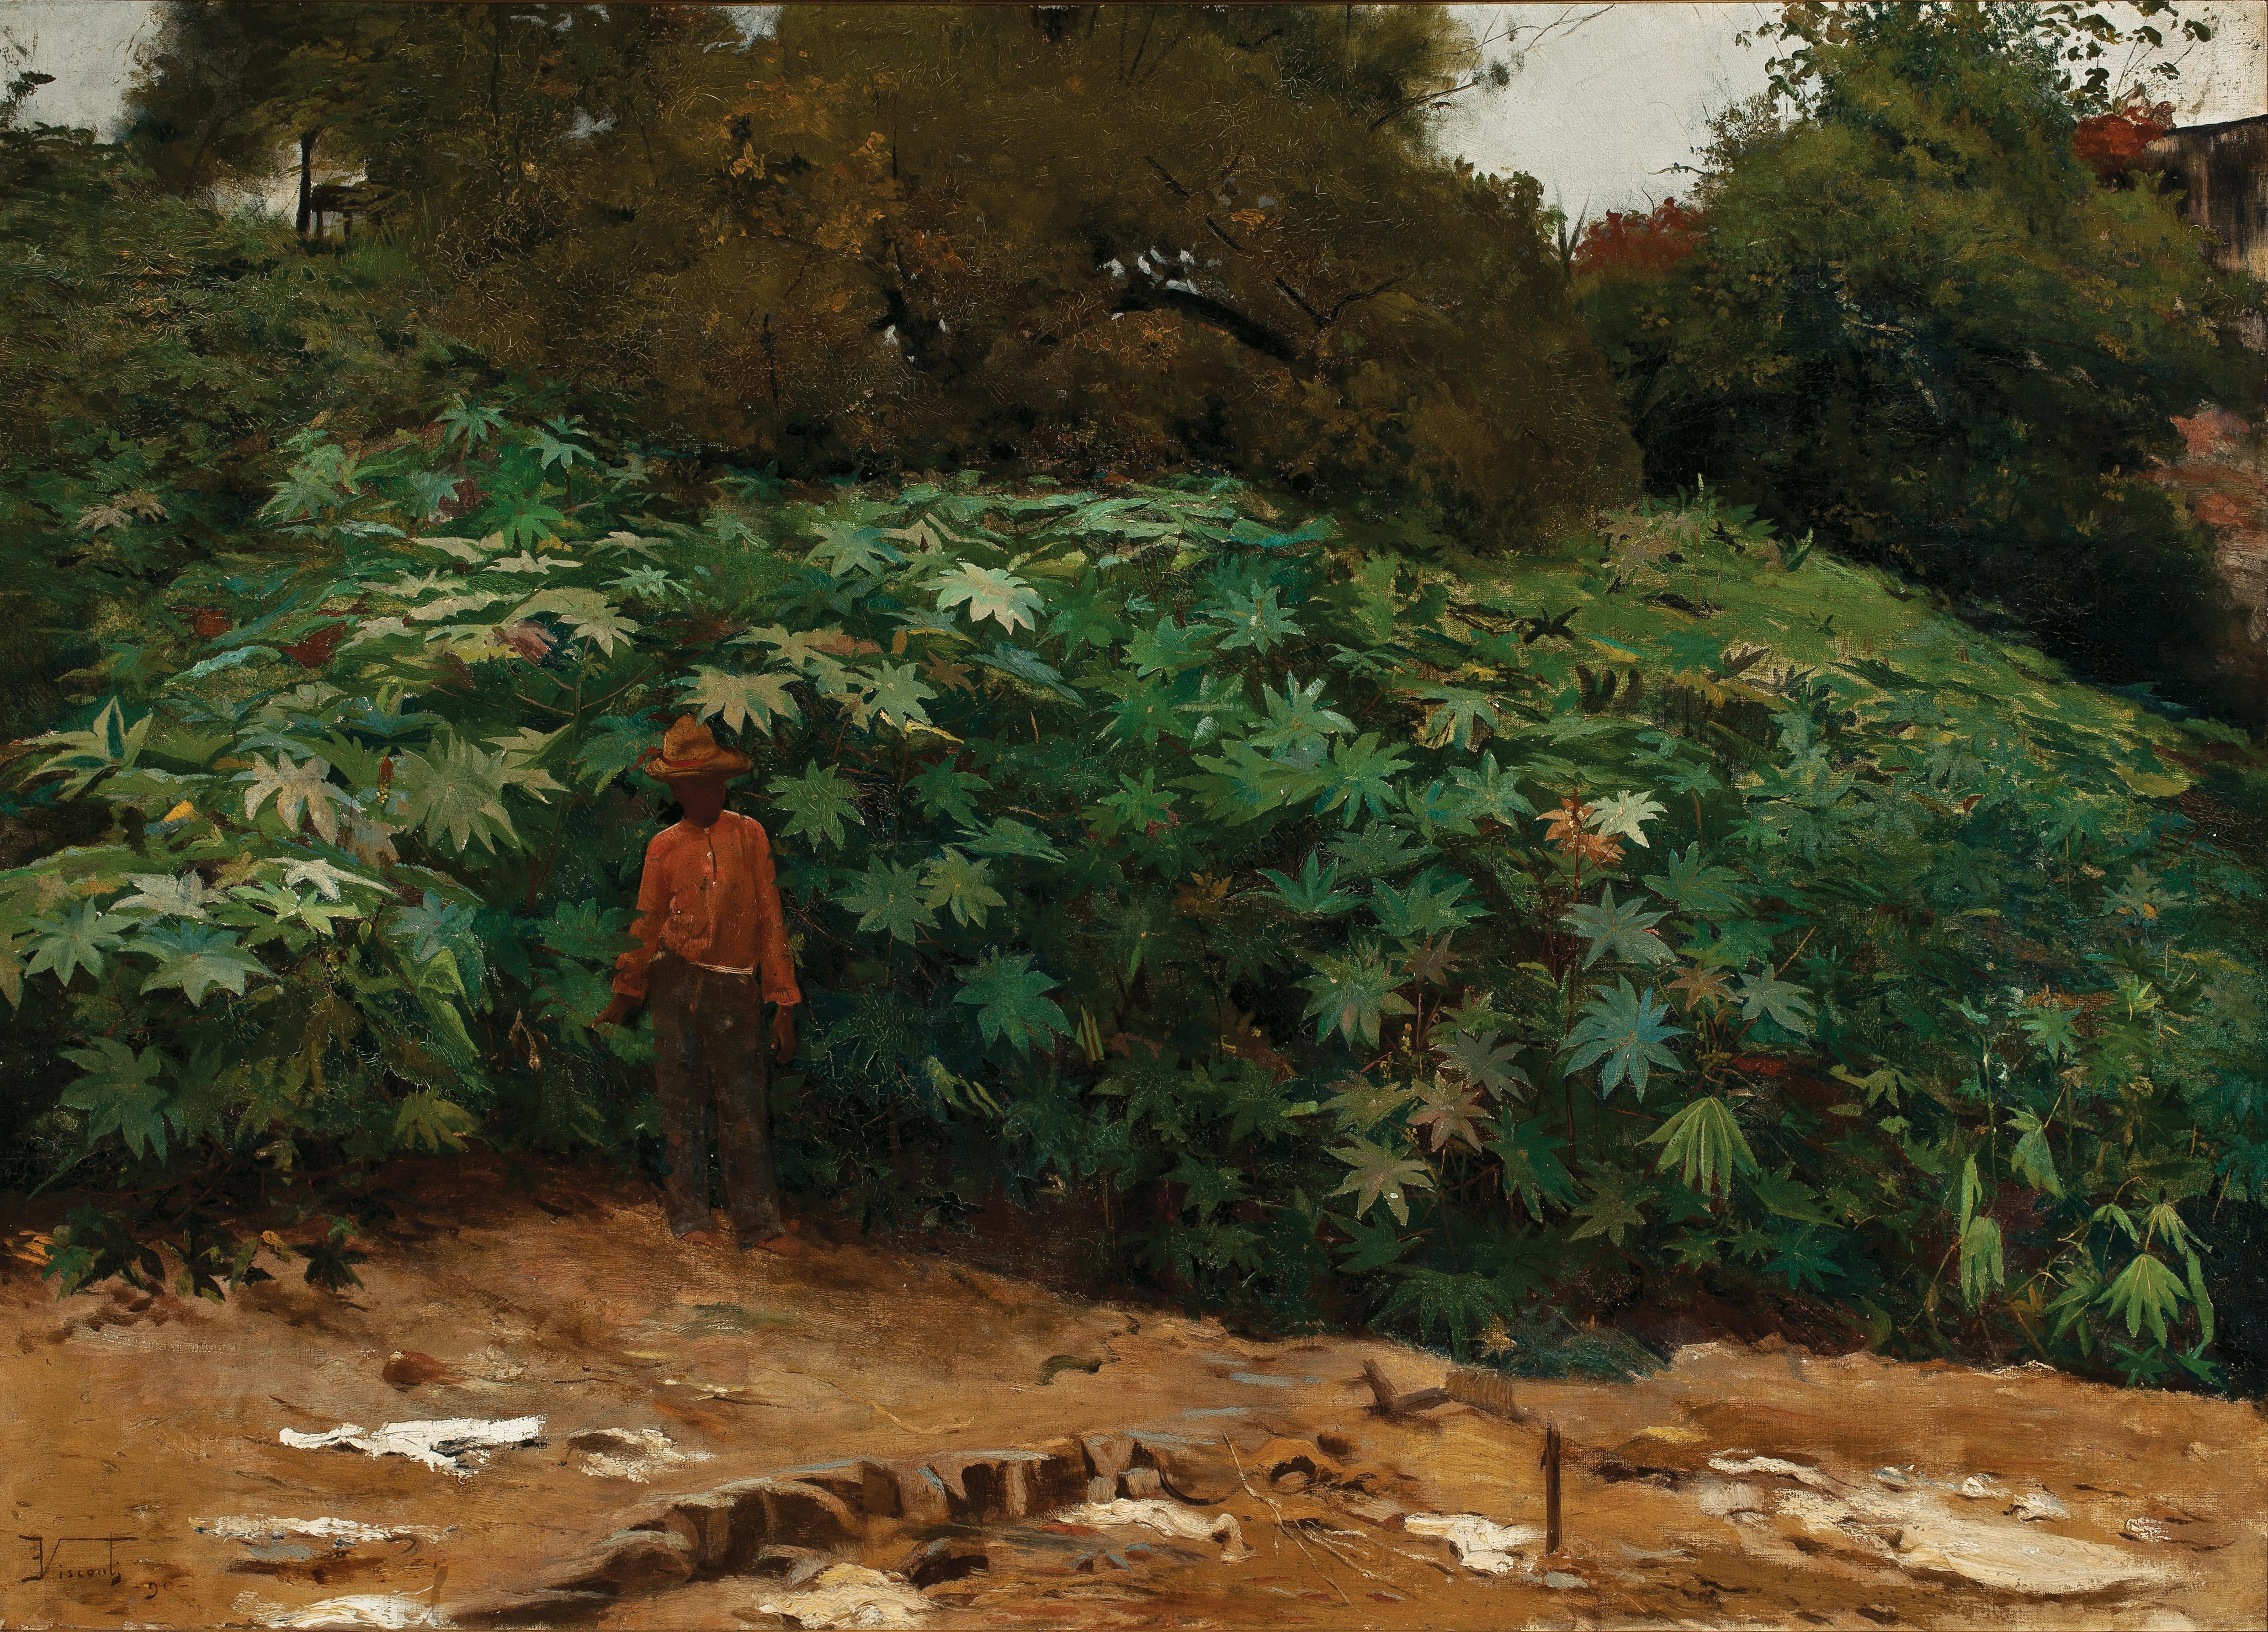 MAMONEIRAS - MORRO DE SÃO BENTO - OST - 62 x 88 cm - 1890 - COLEÇÃO PARTICULAR